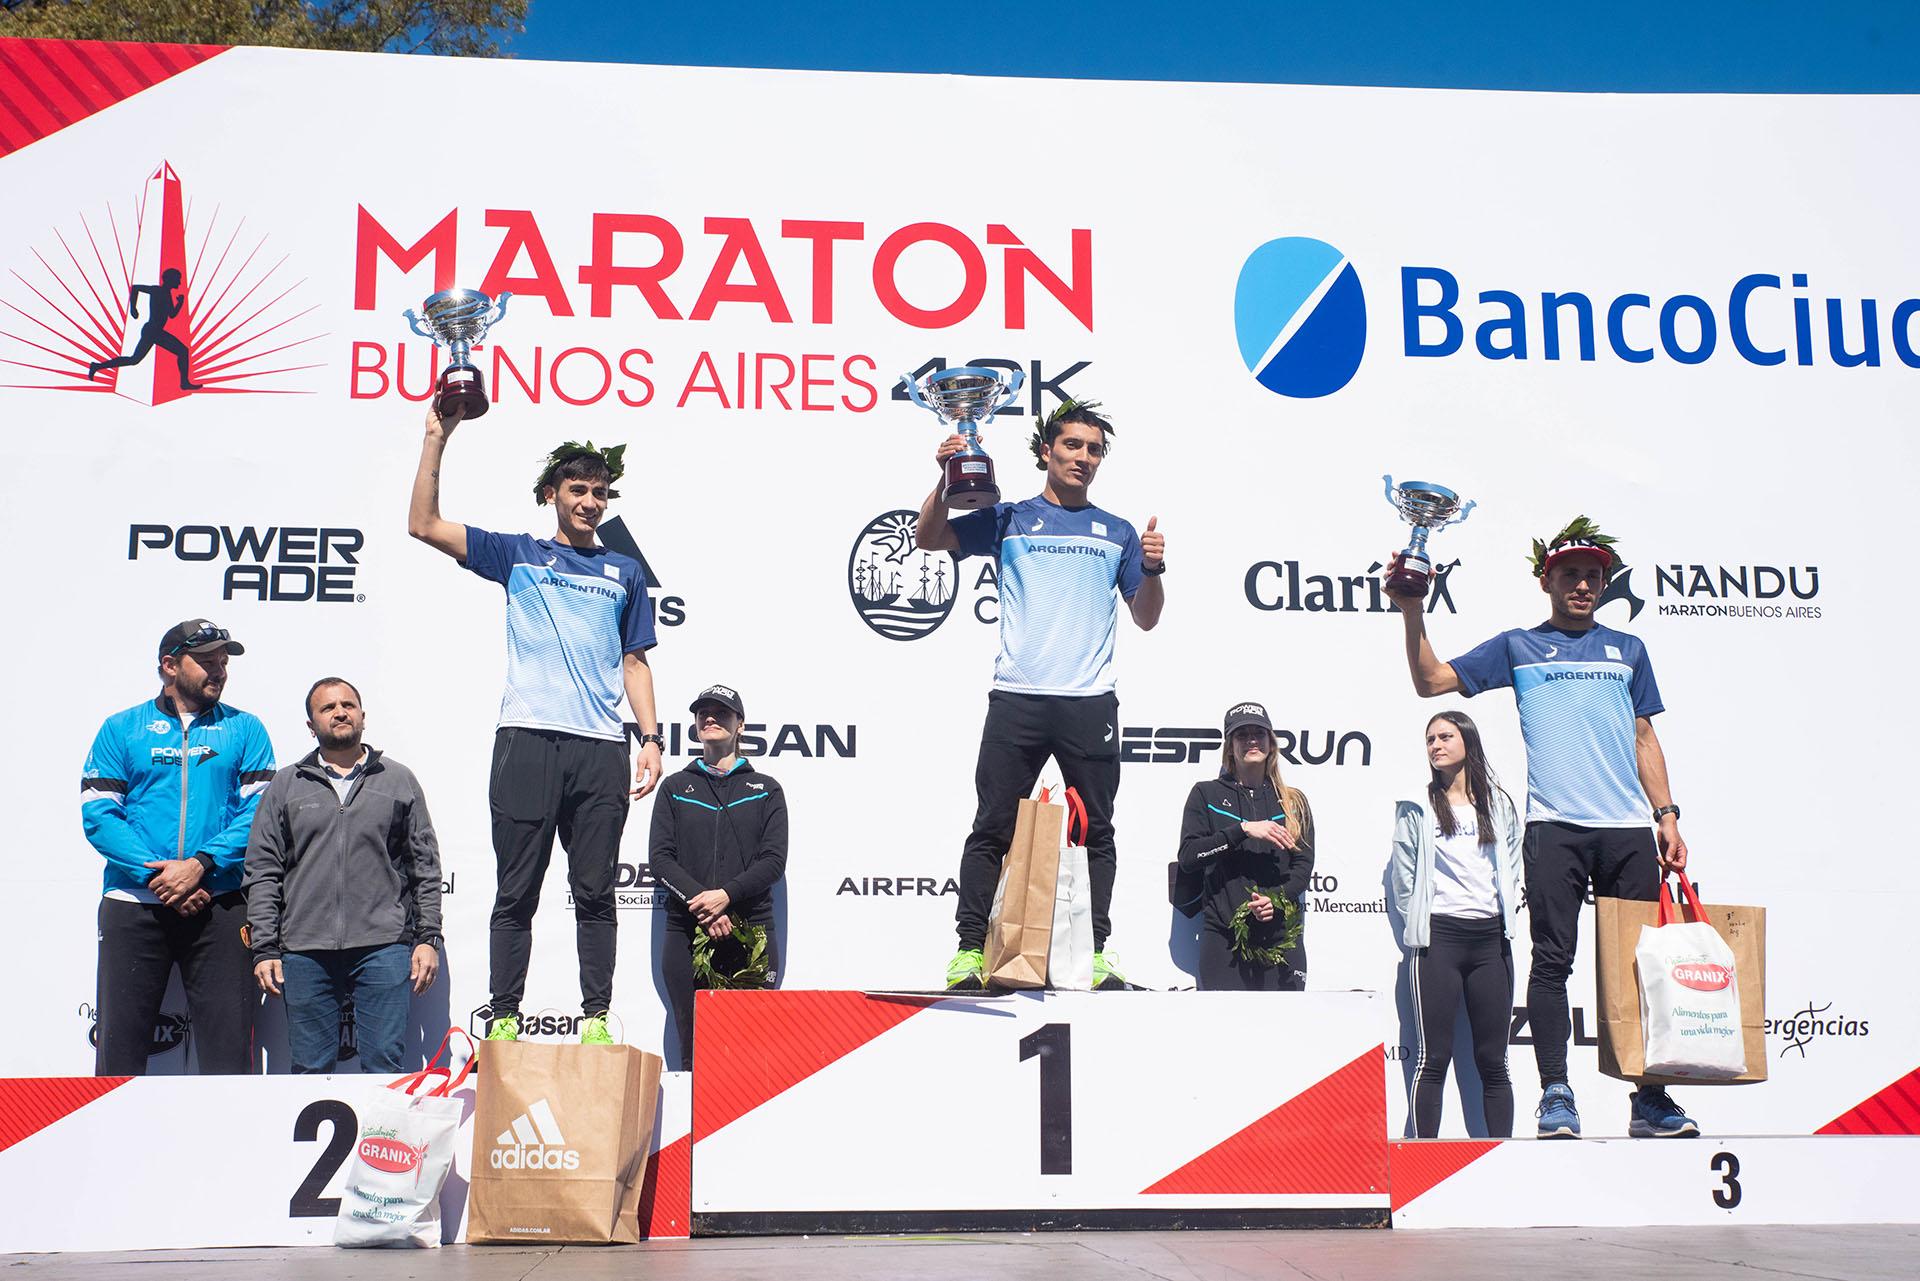 El podio de los competidores argentinos